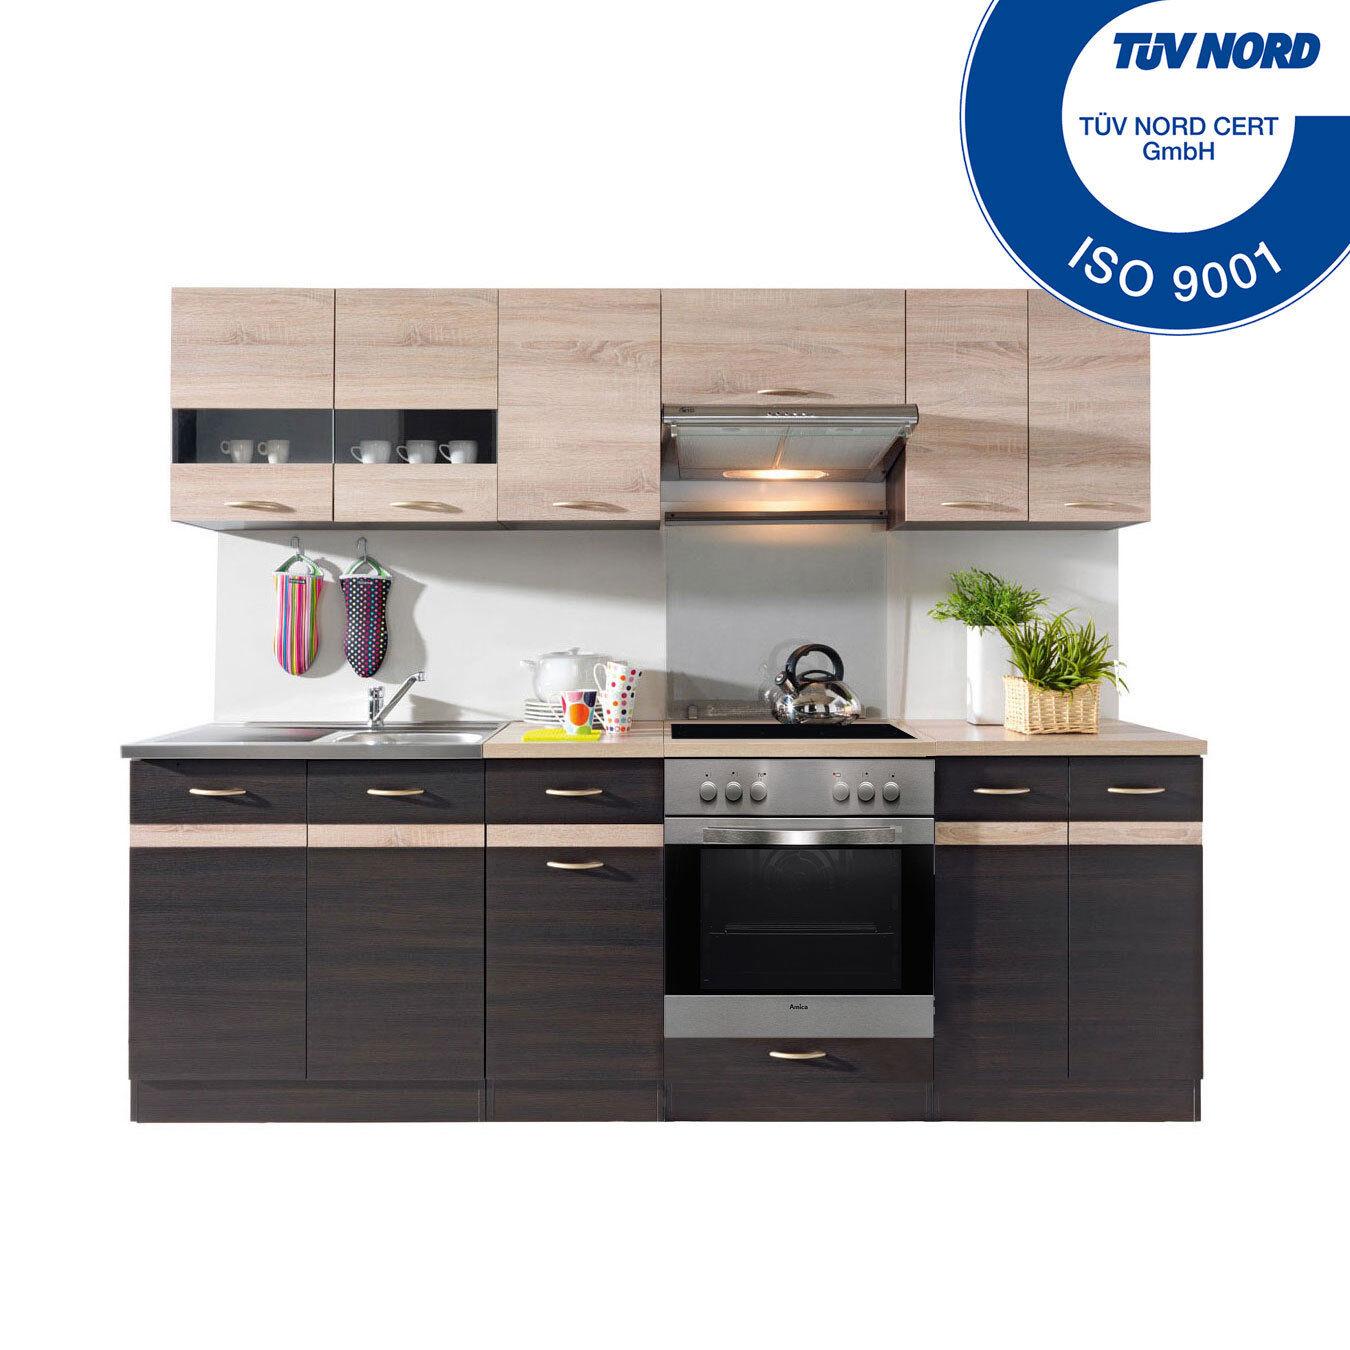 Küchenzeile Mit Elektrogeräten Spülbecken Einbauküche Küche E Geräten   AB  LAGER